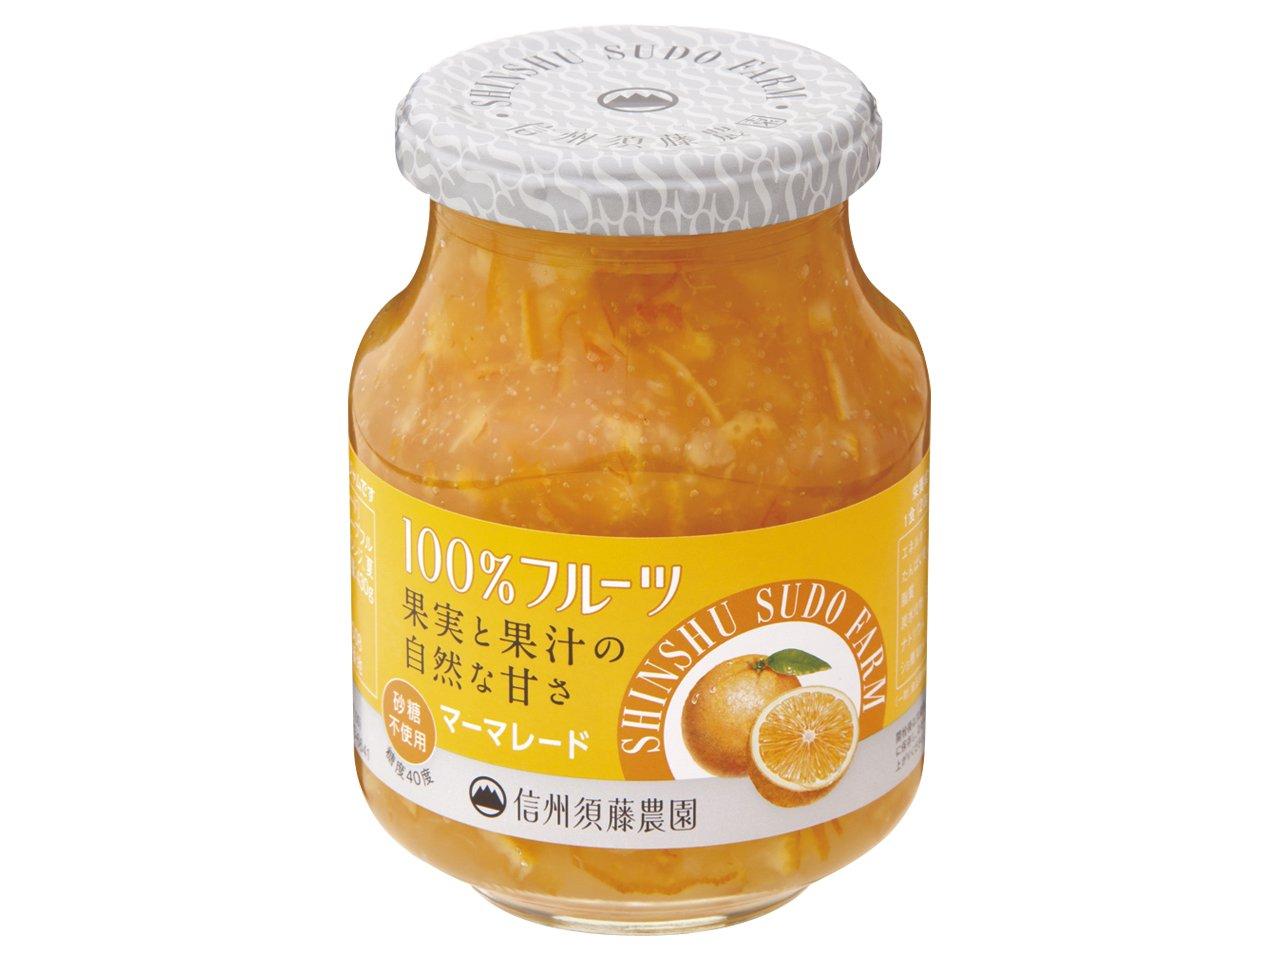 スドー 100%フルーツ ママレード430g